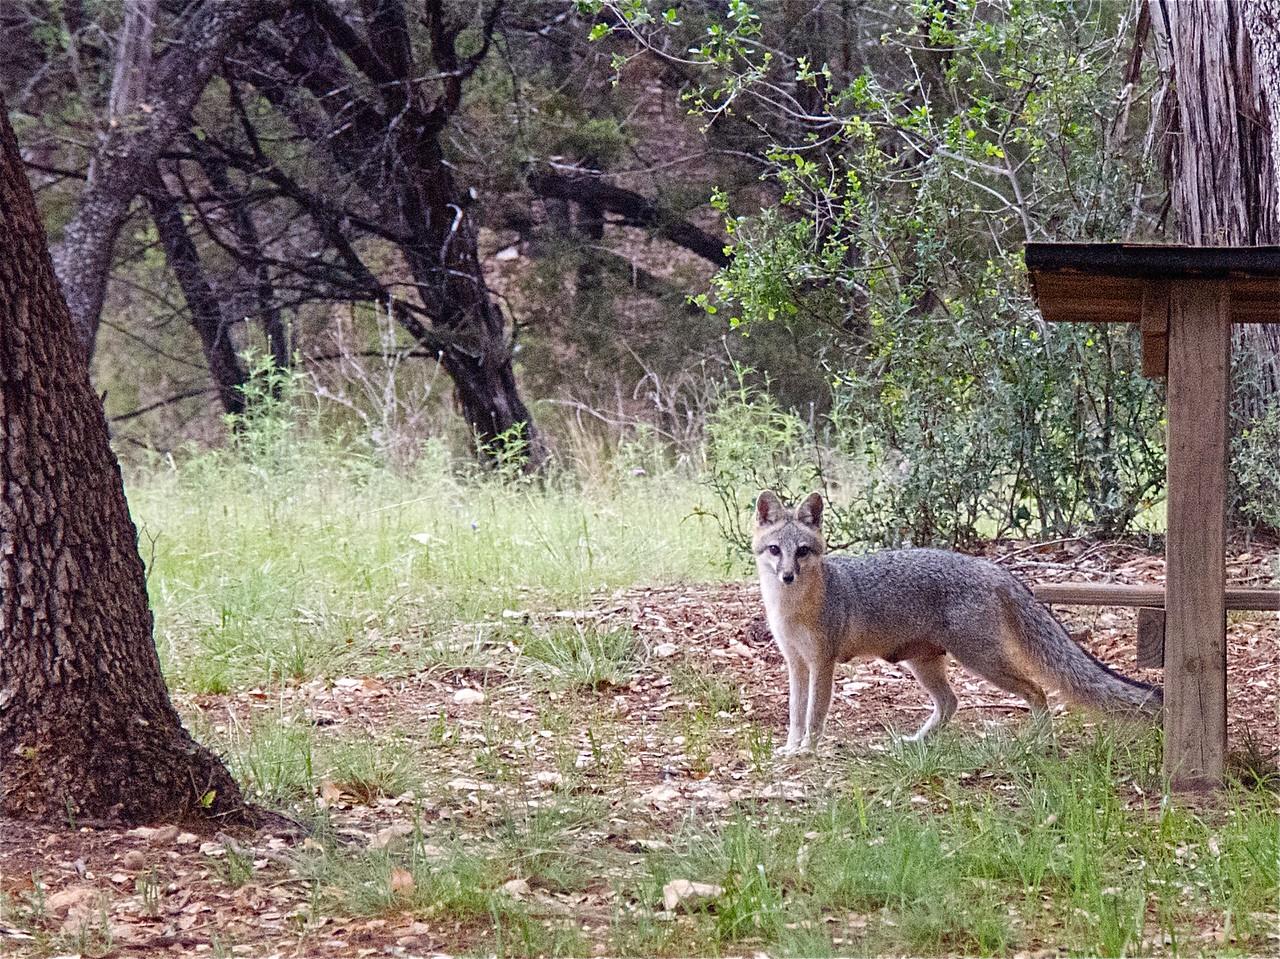 050913-02 gray fox